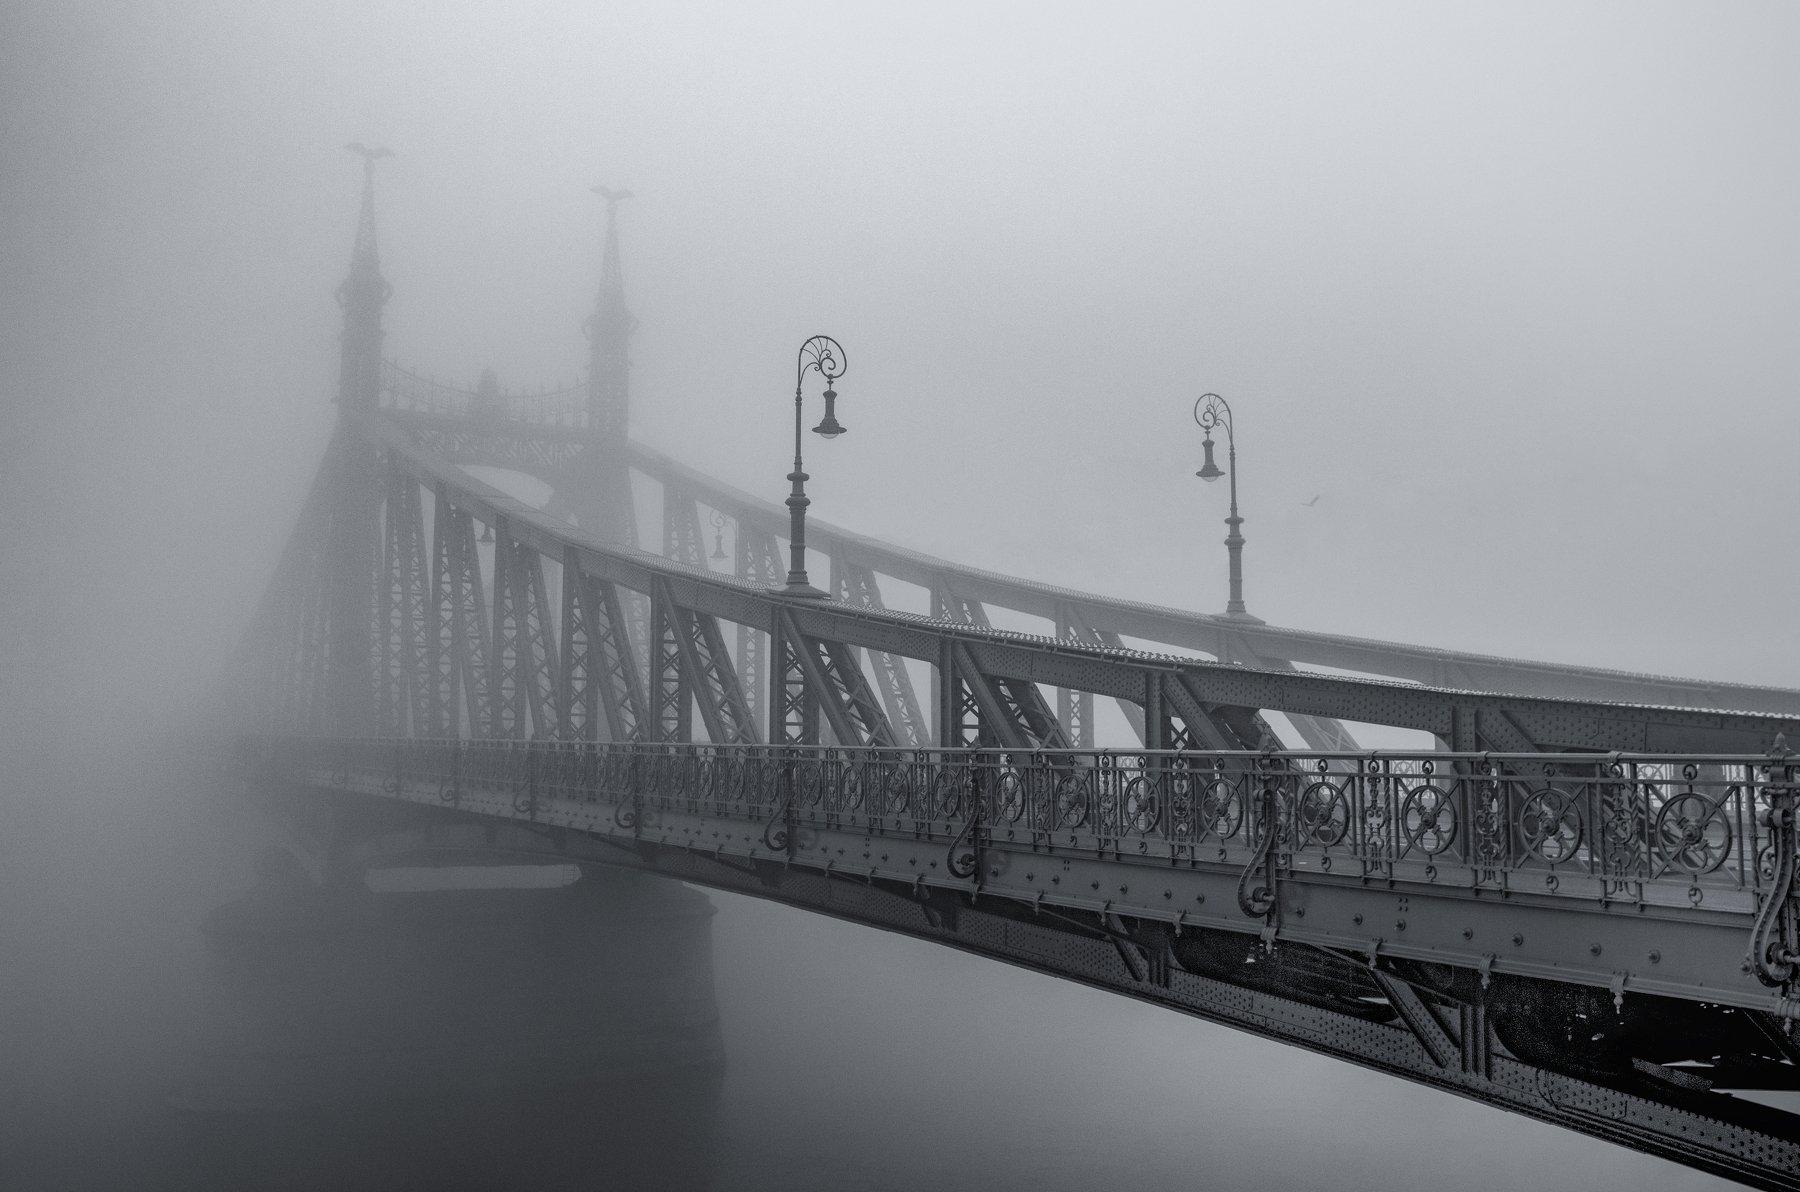 будапешт, мост, туман, река, город, пейзаж, венгрия, европа, путешествие, архитектура, черно-белый, b&w, Сергей Давыдов